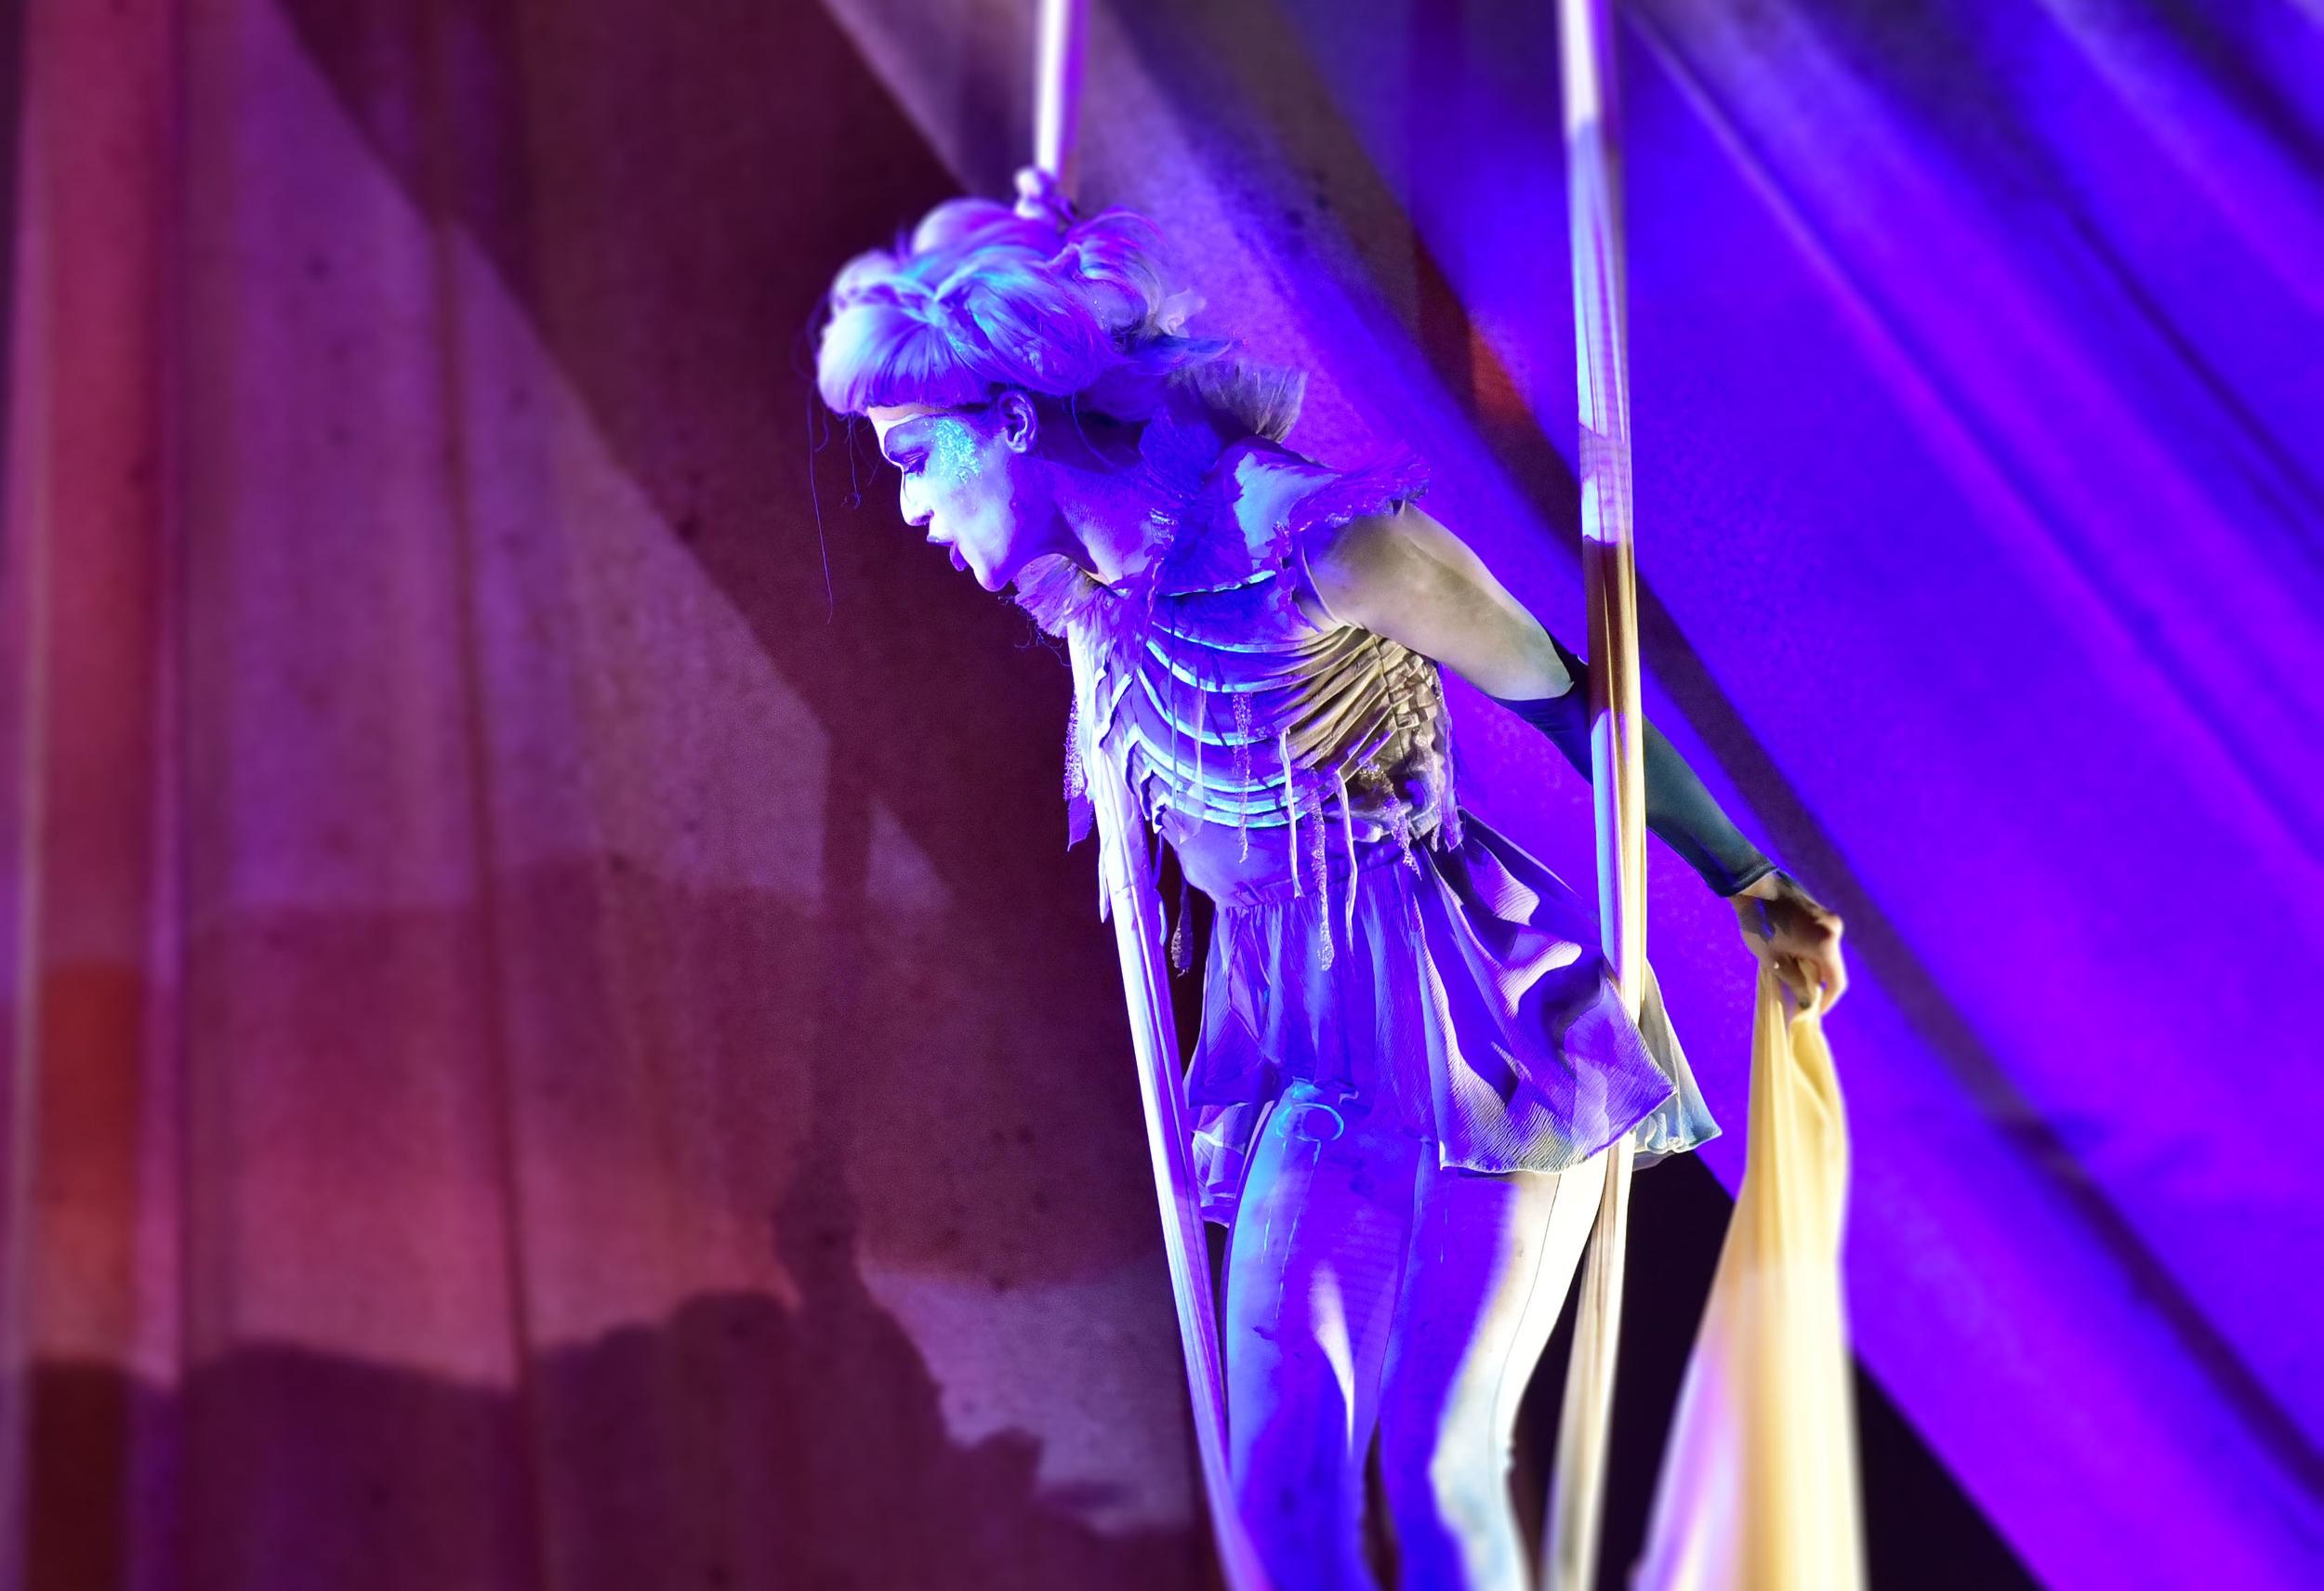 The Harpy Emily Rozman. Photo by: Courtney Foxworthy